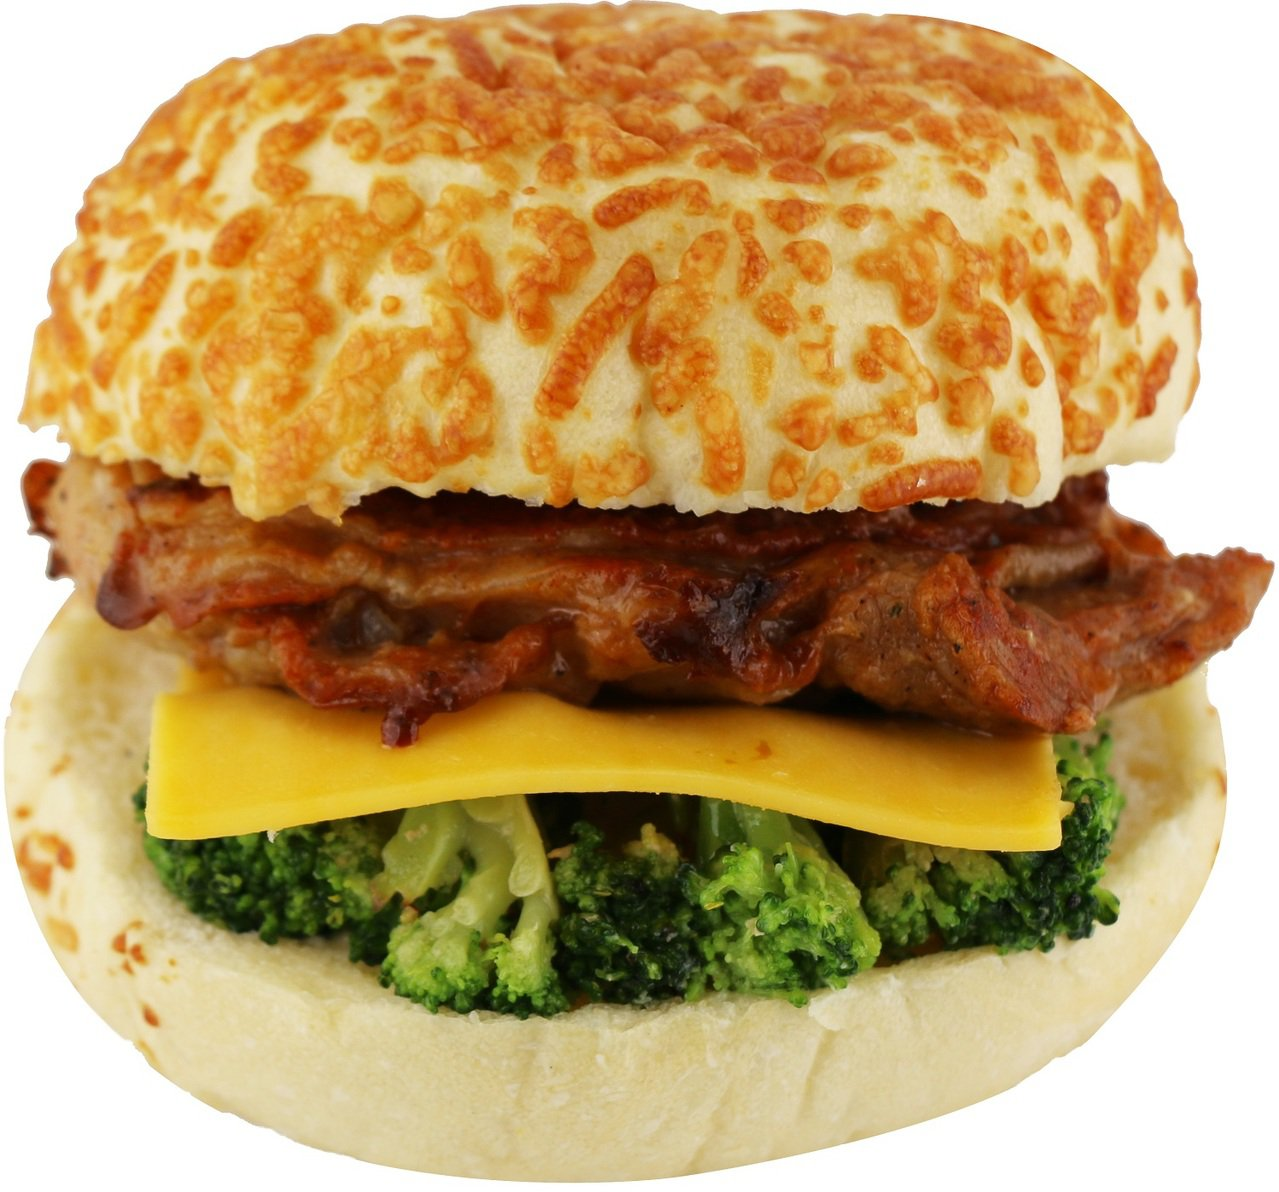 21風味館主廚香草烤雞堡,售價69元,限量50萬份。圖/7-ELEVEN提供